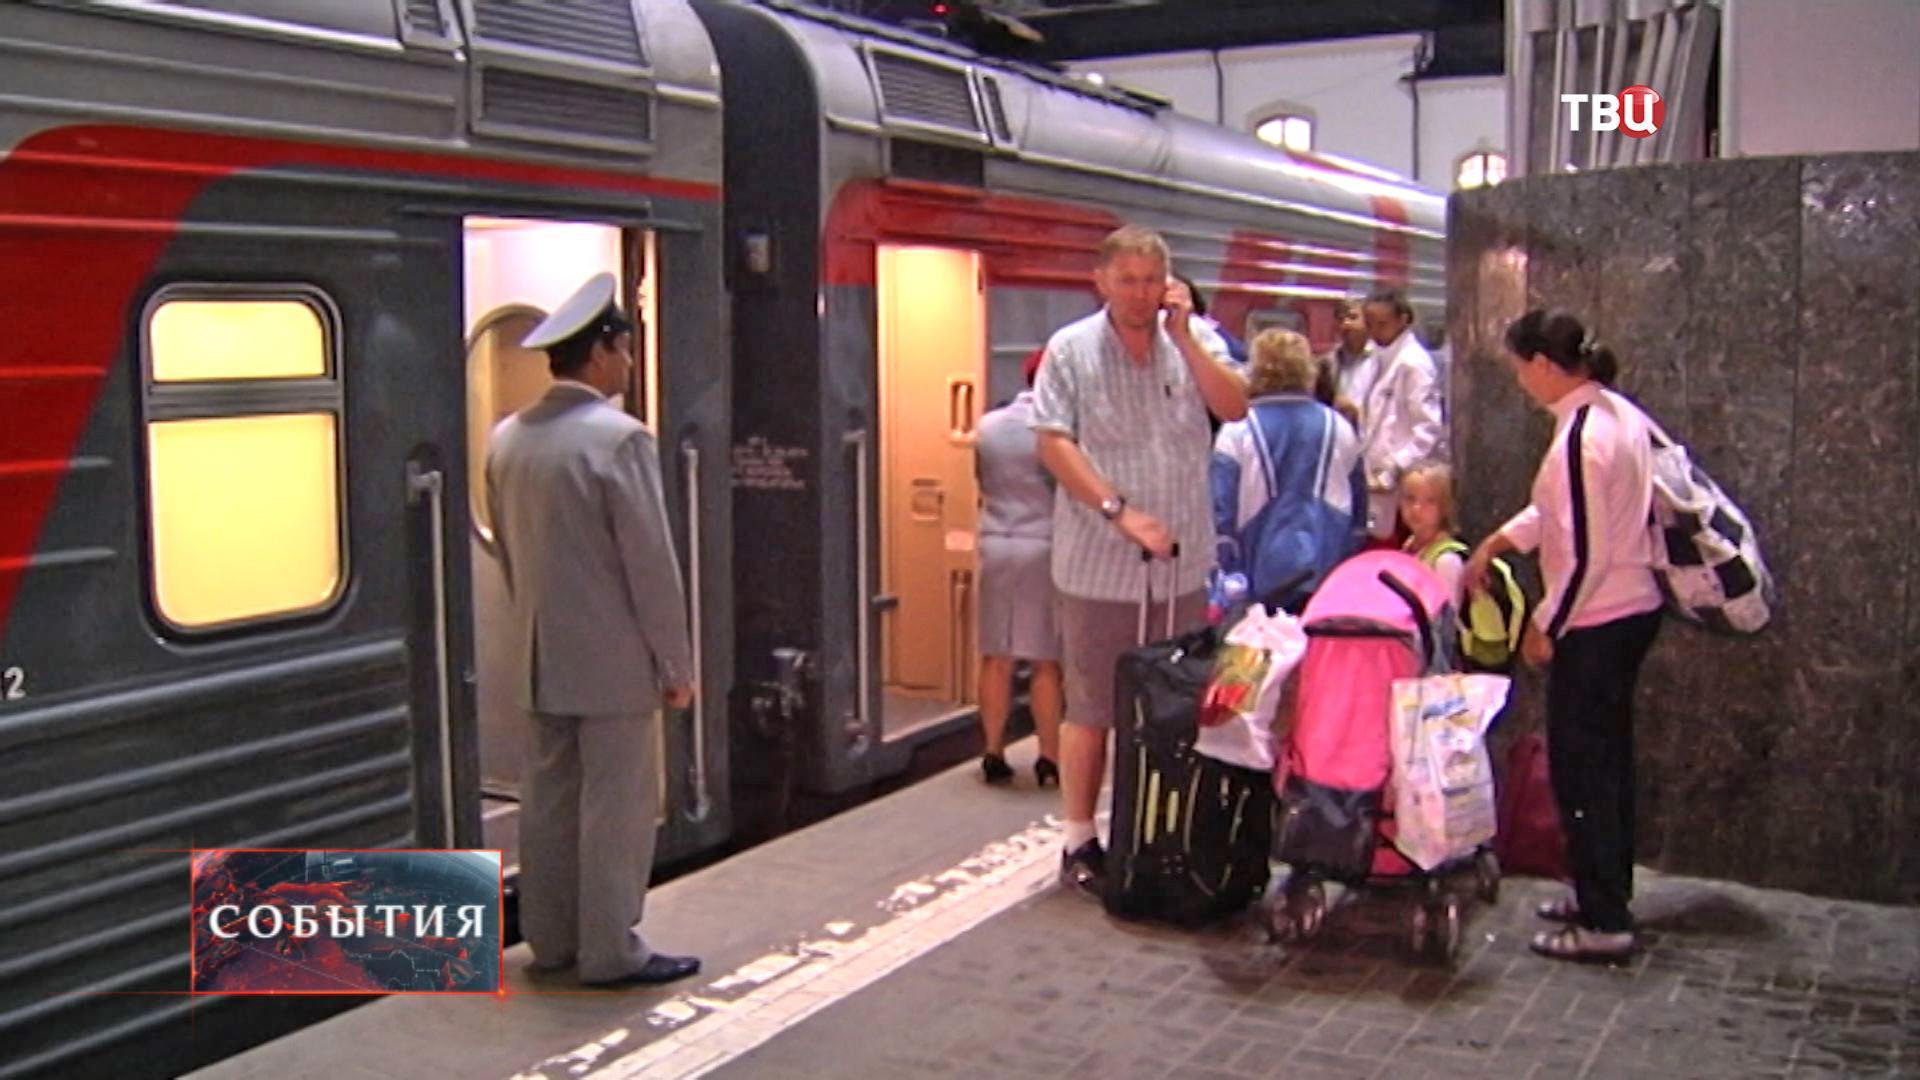 Пассажиры задержанных поездов в Москве